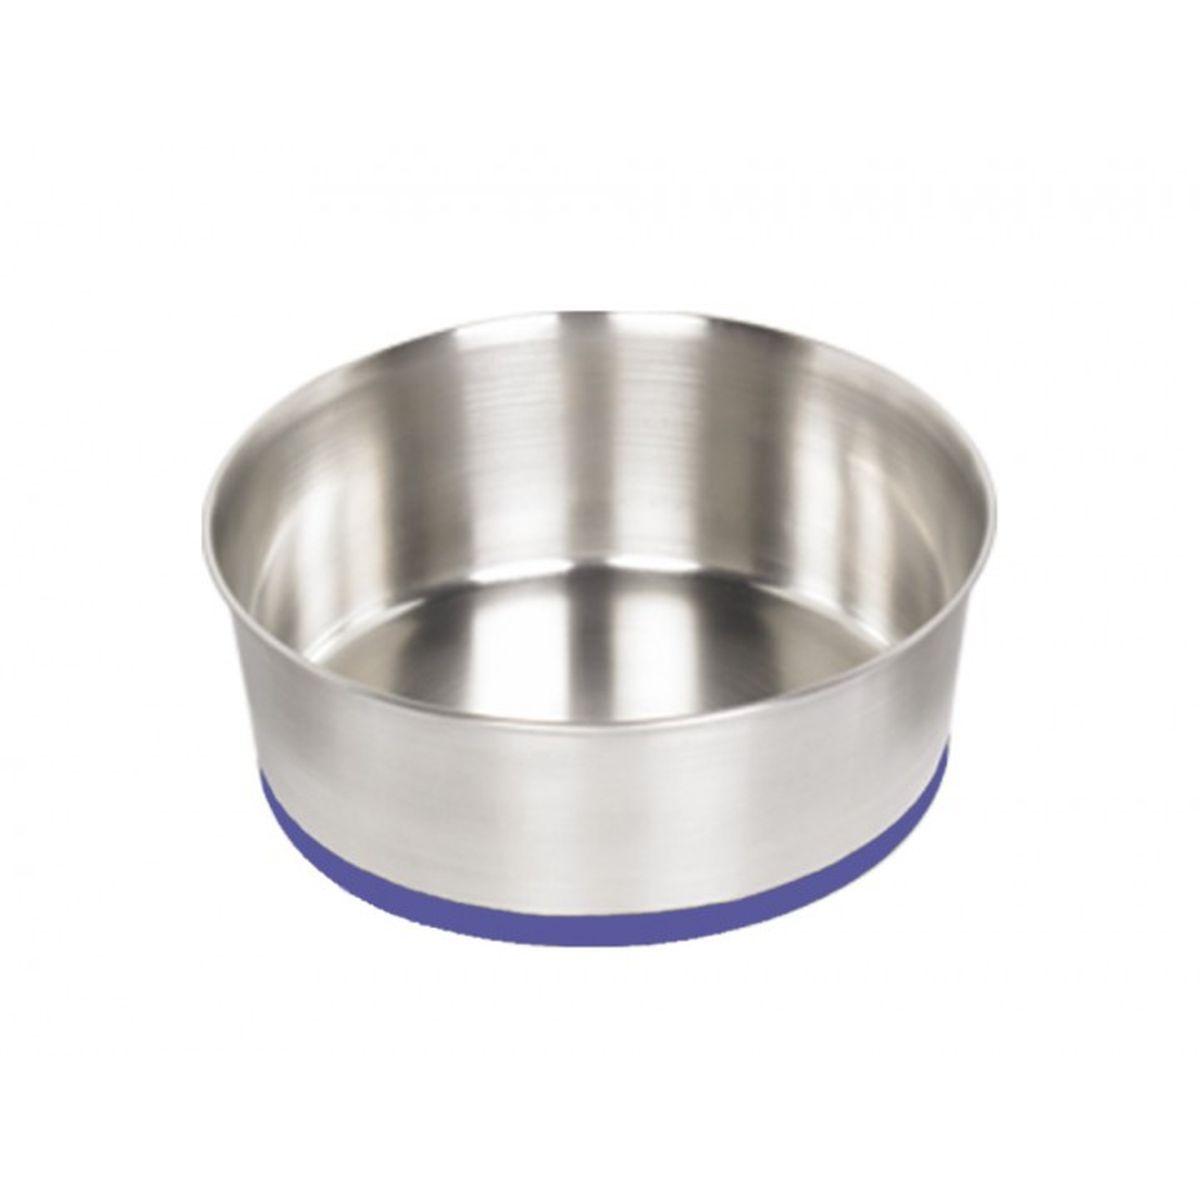 Nobby - rvs eetbak mat rvs 2,7 liter